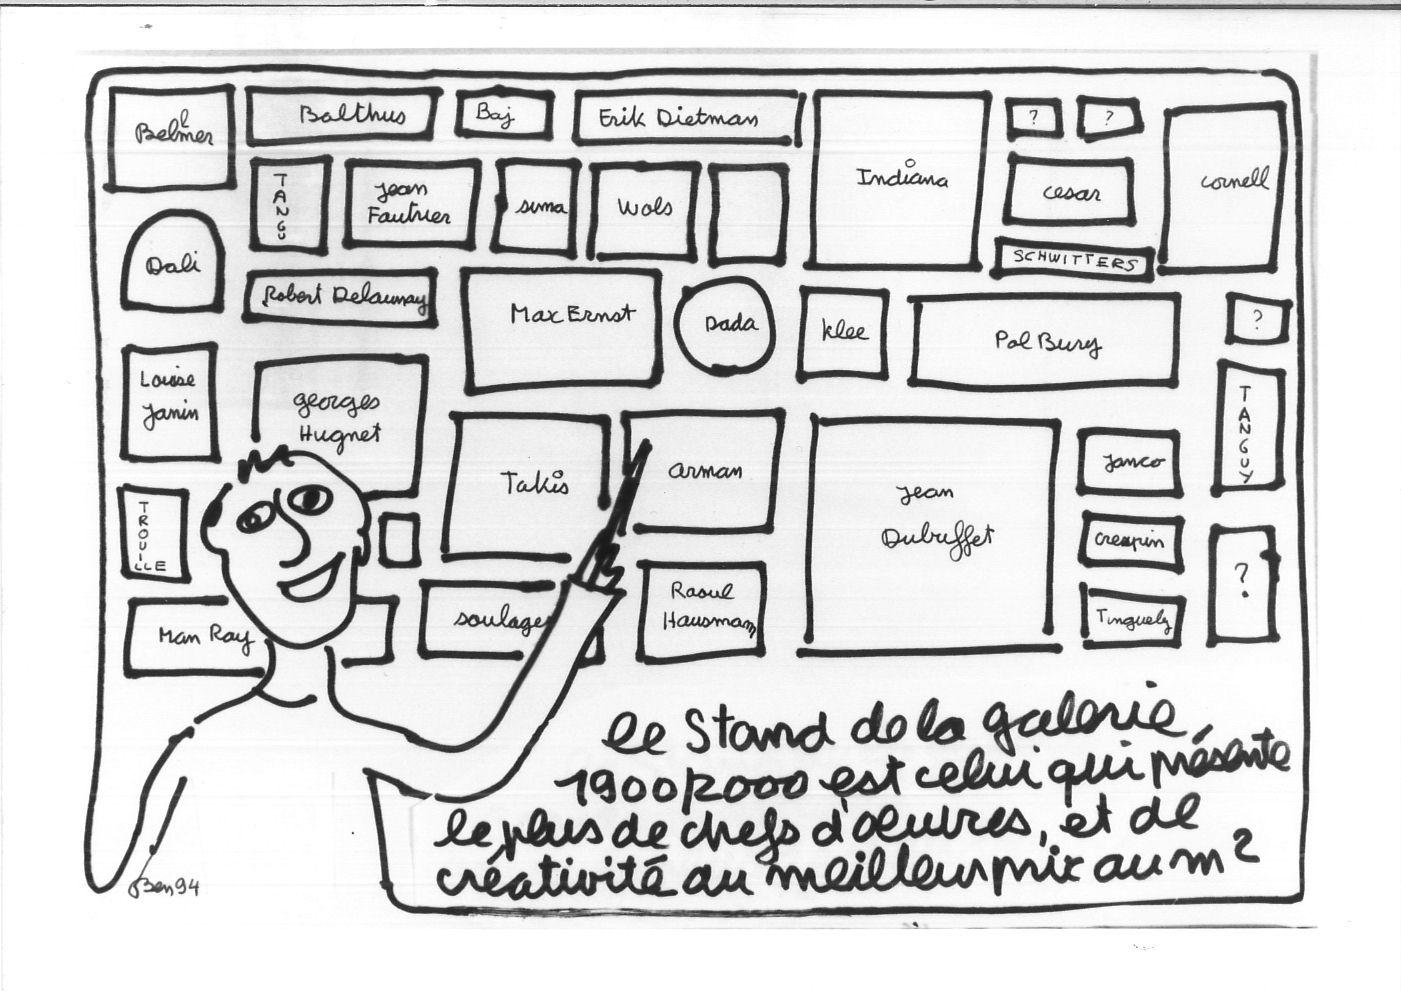 10-2-Dessin-du-stand-de-la-Galerie-1900-2000-par-Ben-1994